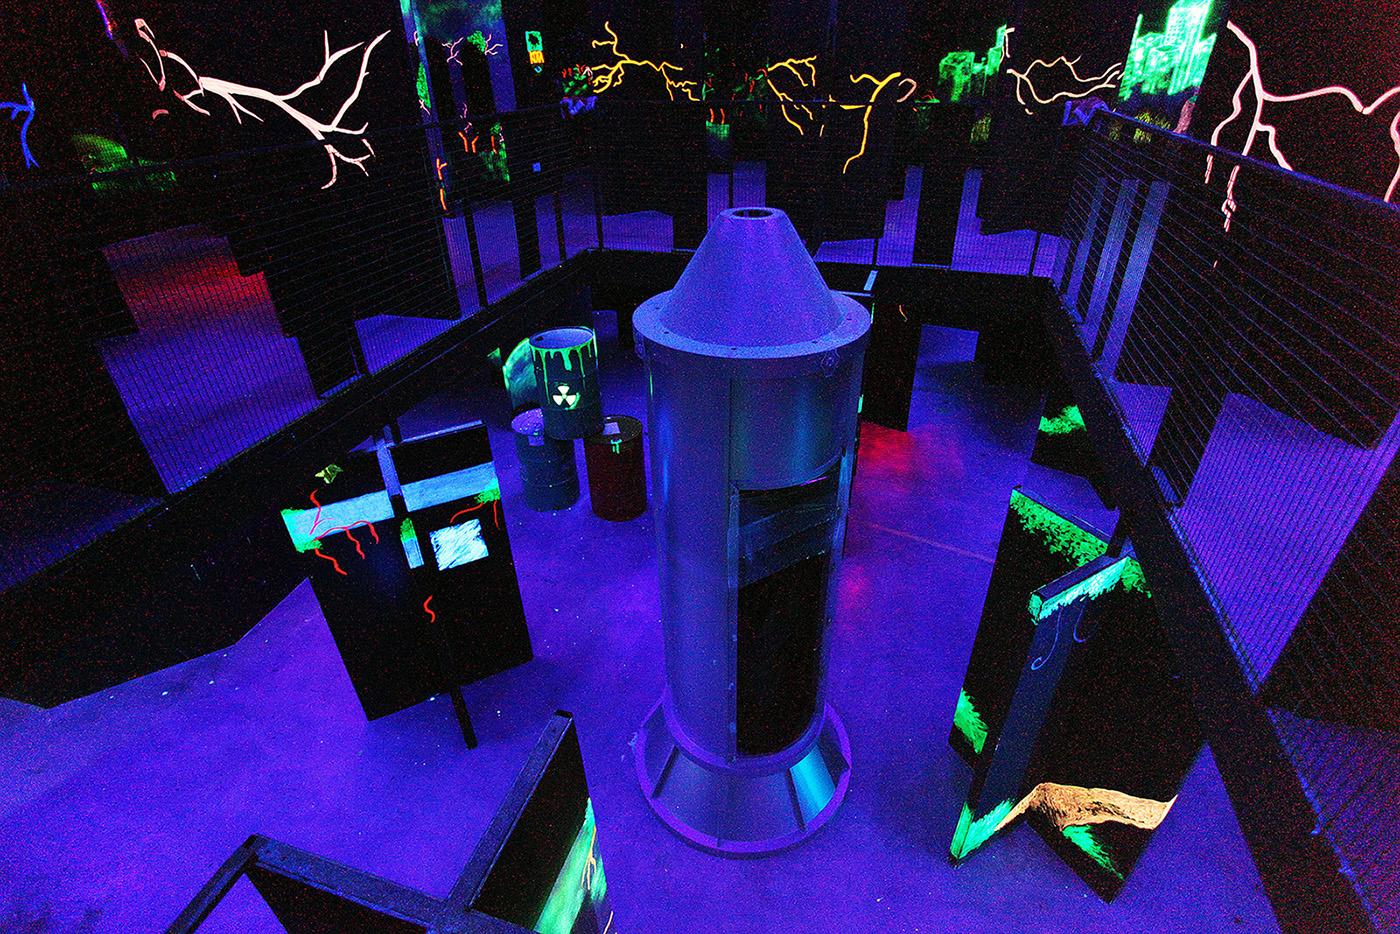 Galactic Laser at Sunway Pyramid